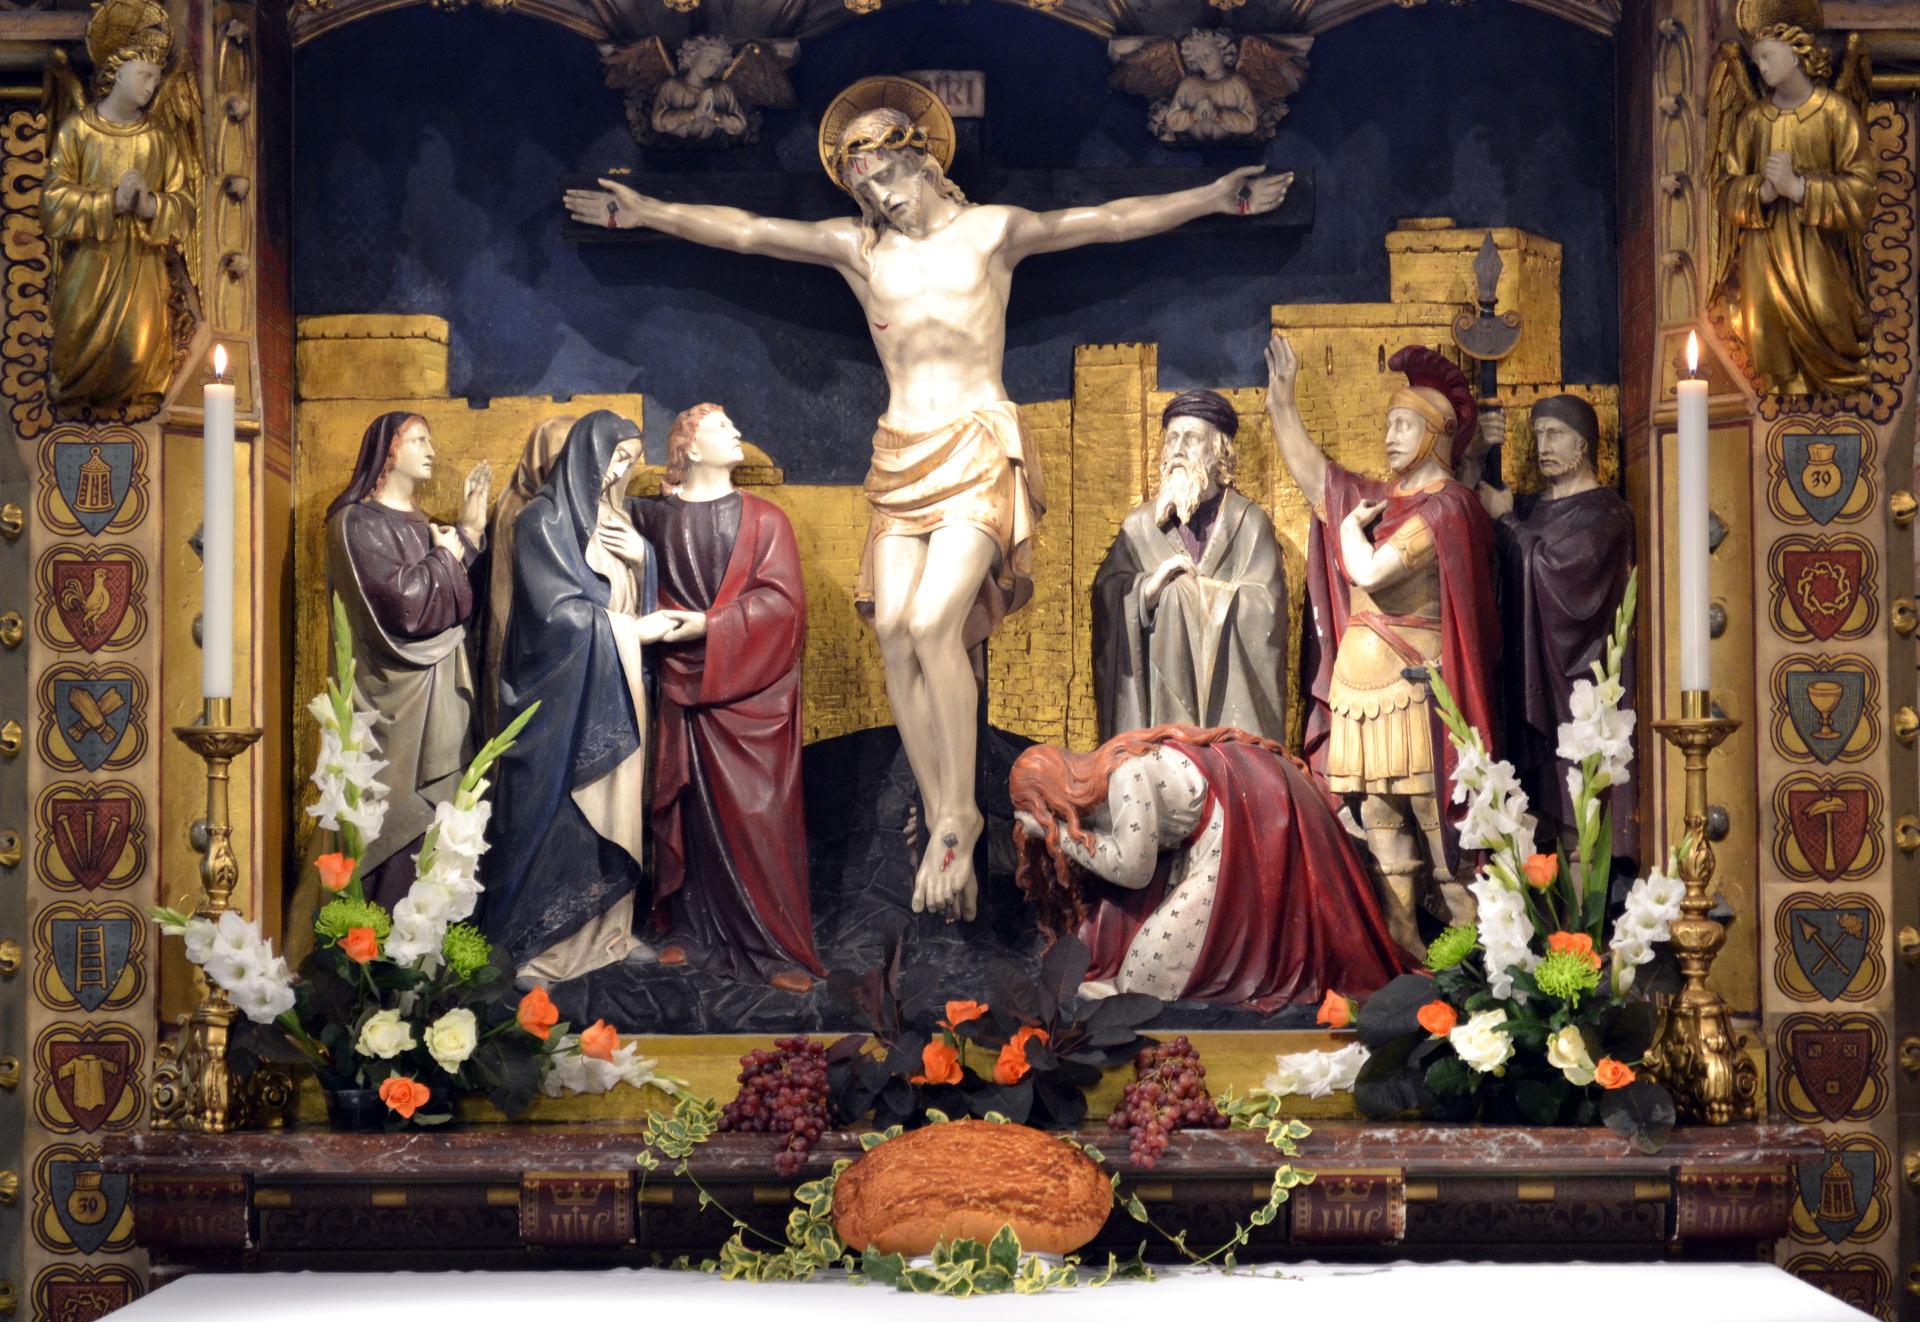 'Bread of Heaven'